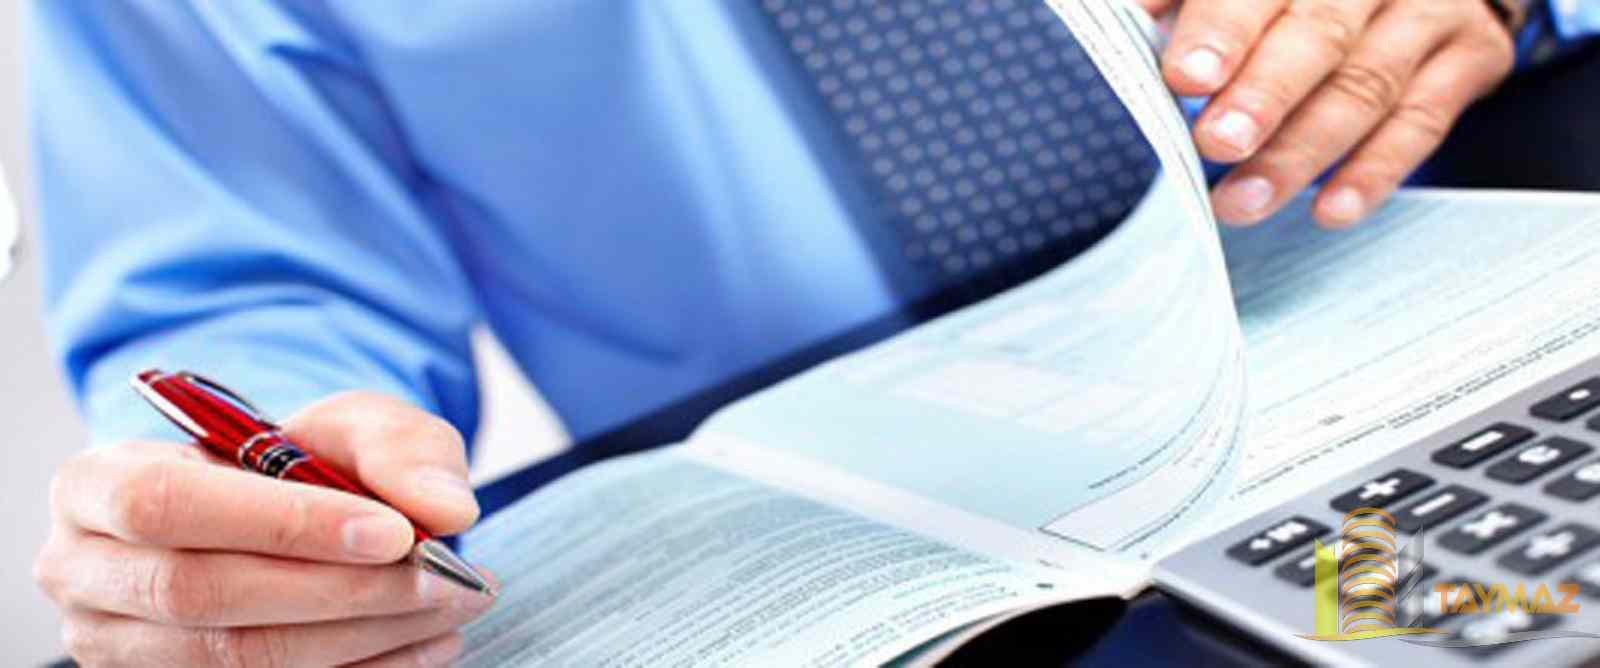 ثبت شرکت در ترکیه مزایا و مدارک مورد نیاز